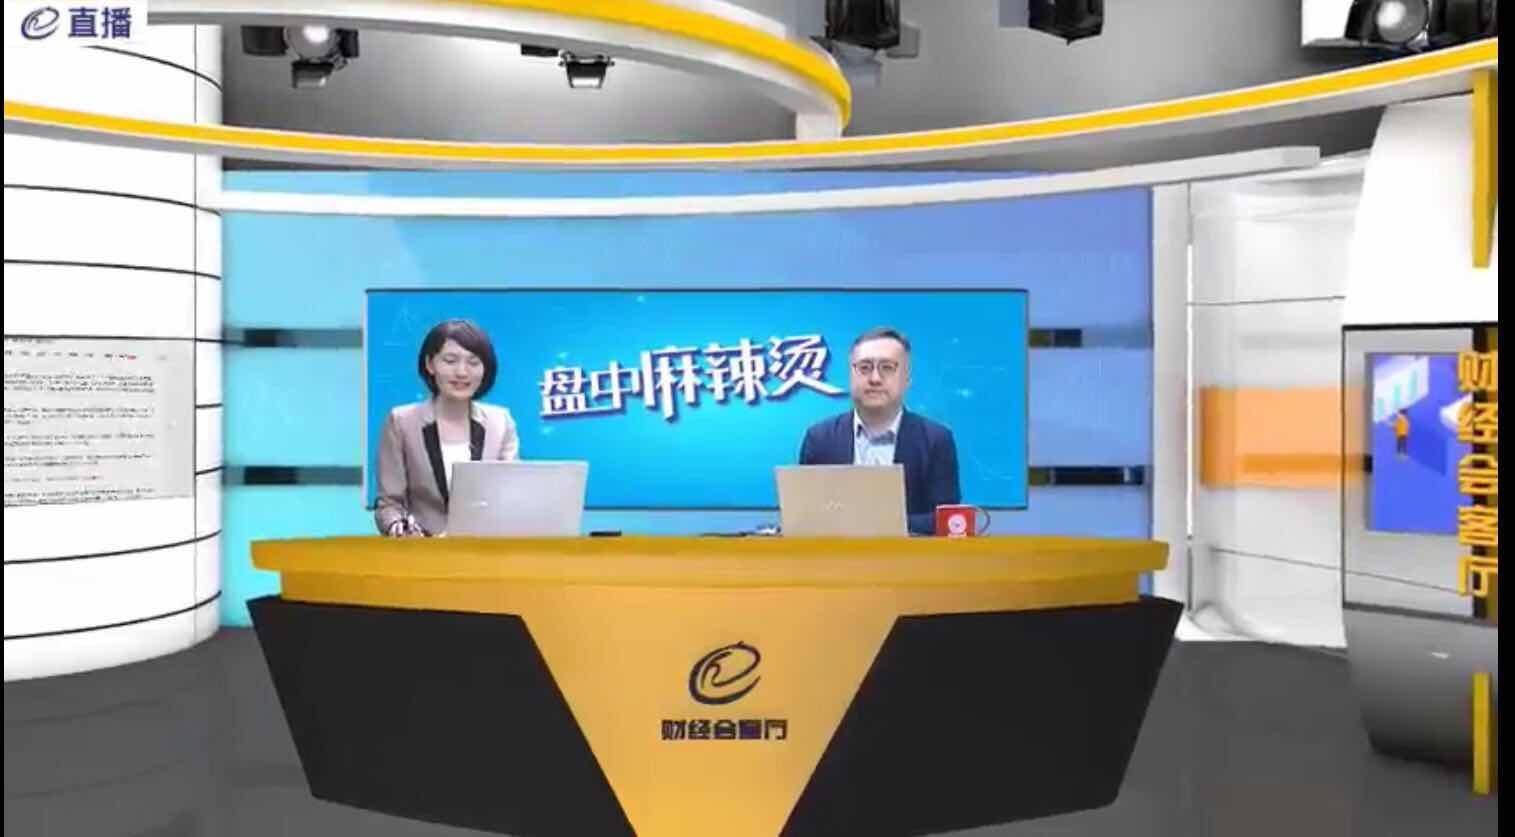 今日股市最新消息,3月5日盘中麻辣烫独家分享